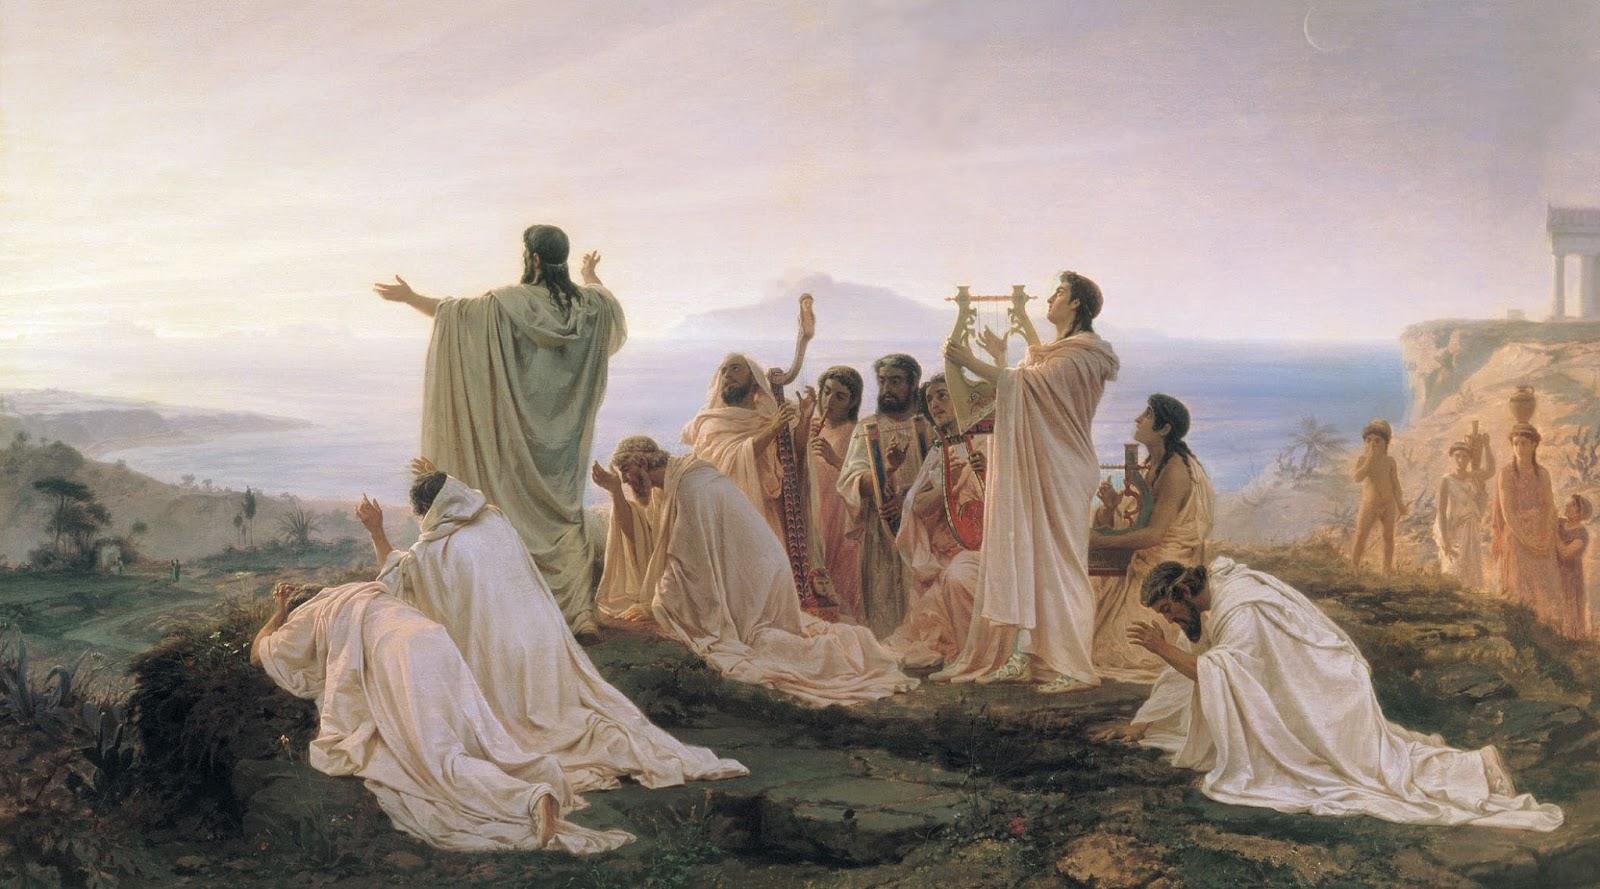 Kristen dan penyembah Pagan